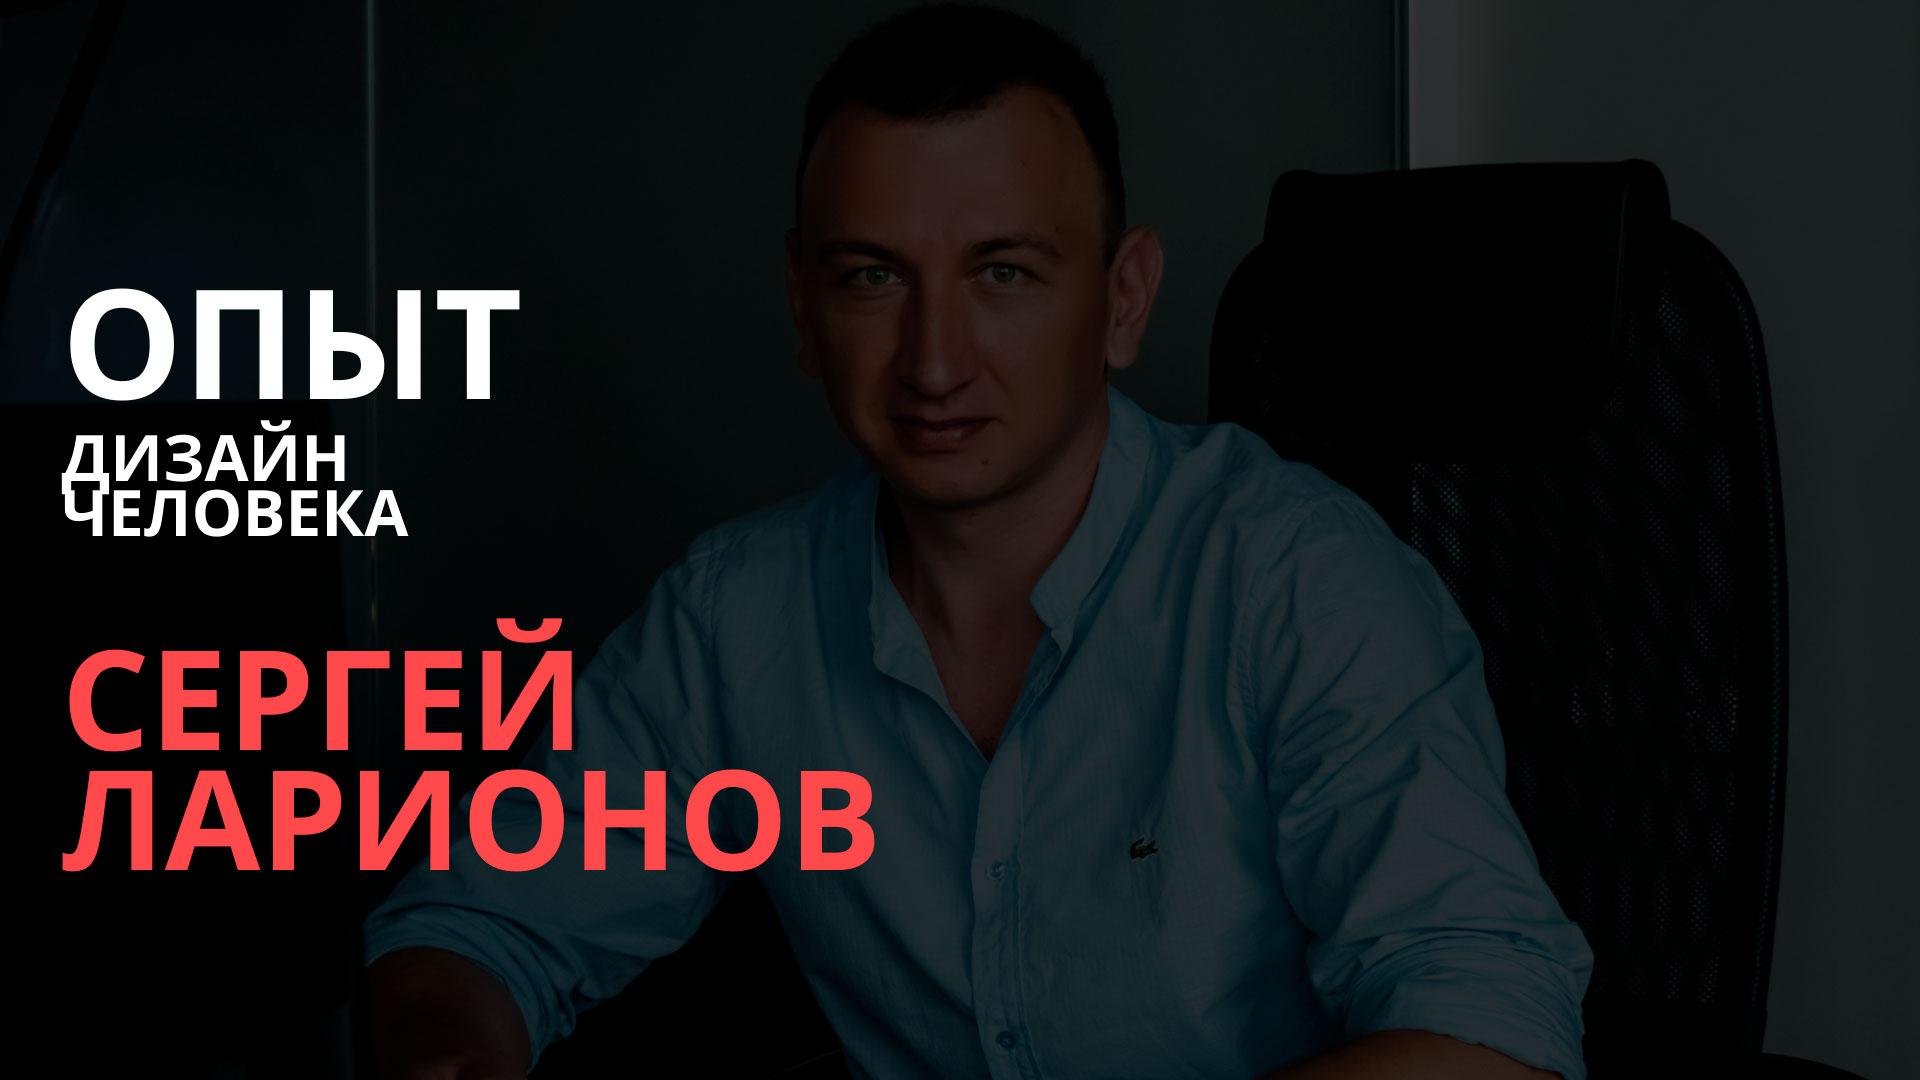 Мой опыт в Дизайне Человека Сергей Ларионов